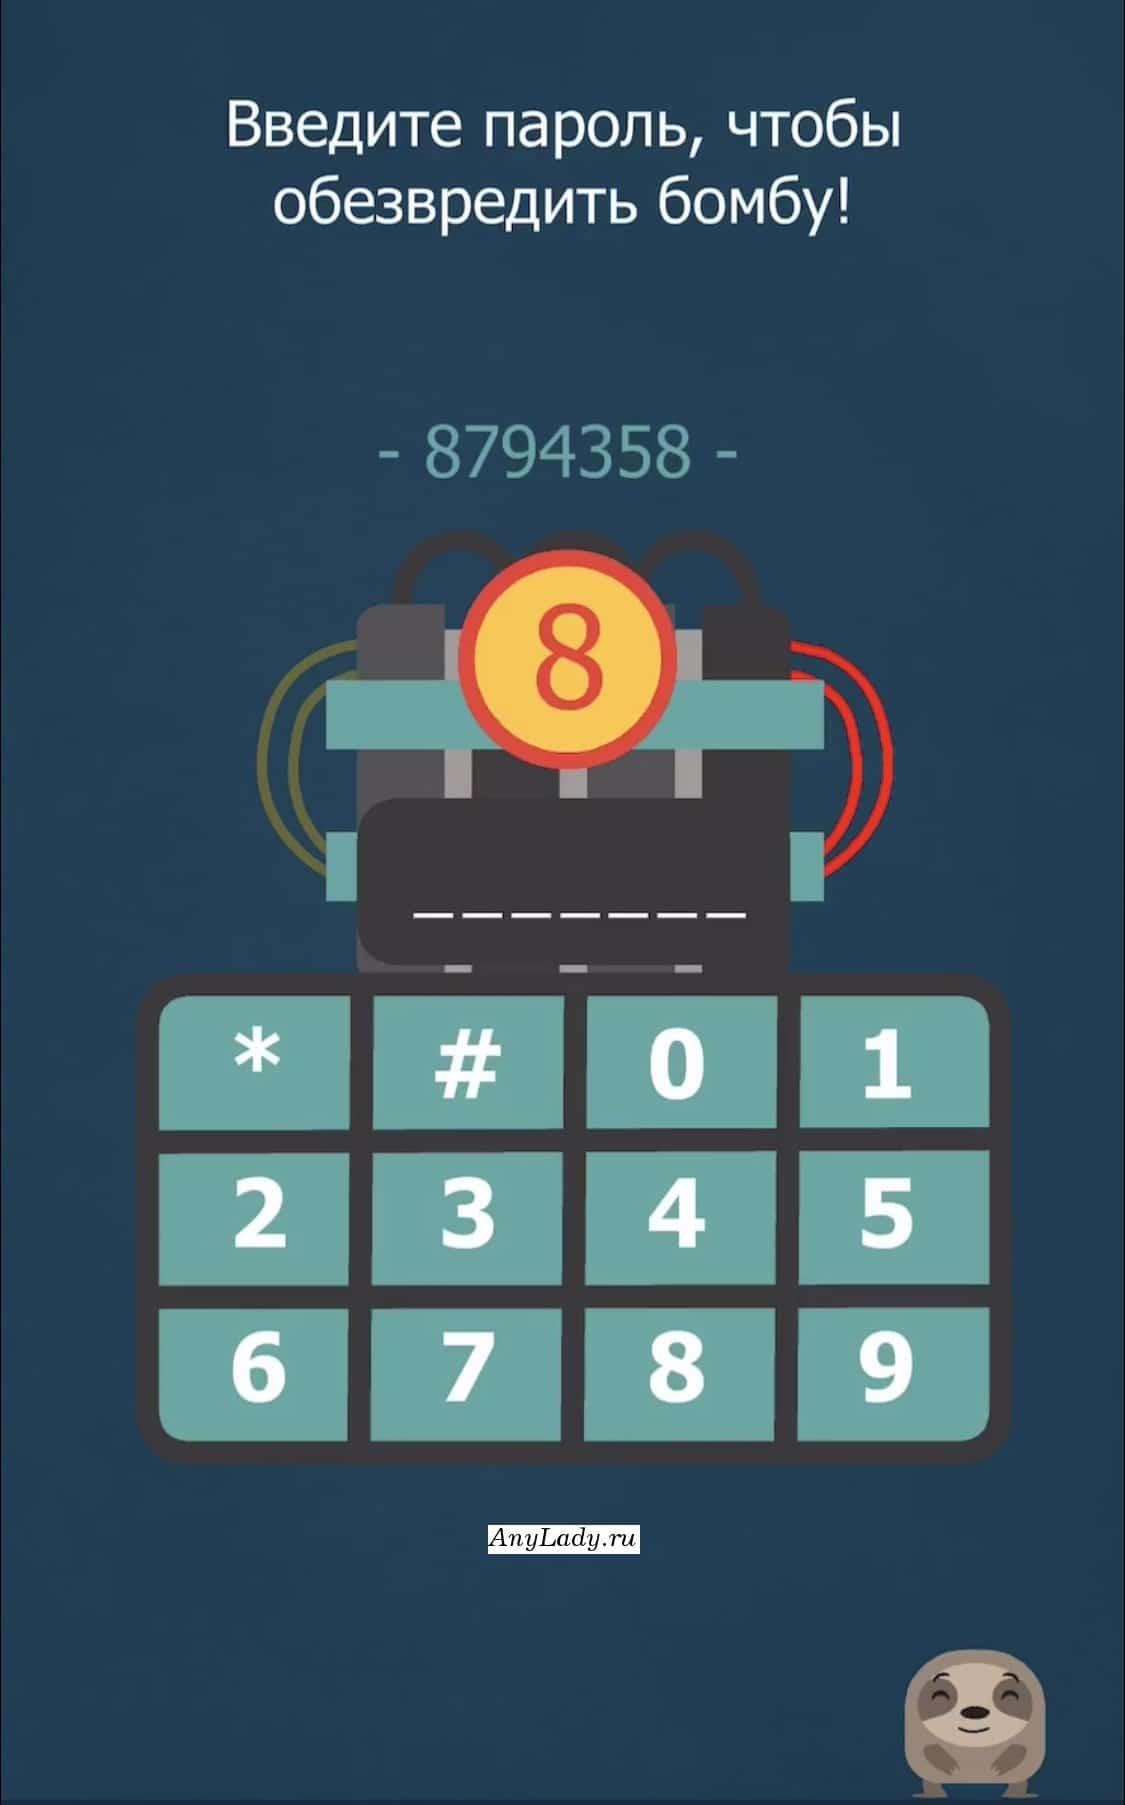 Быстро вводите пароль, иначе детонатор сработает. Будьте внимательны при вводе чисел, клавиатура меняет цифры местами.  Пароль: 8794358